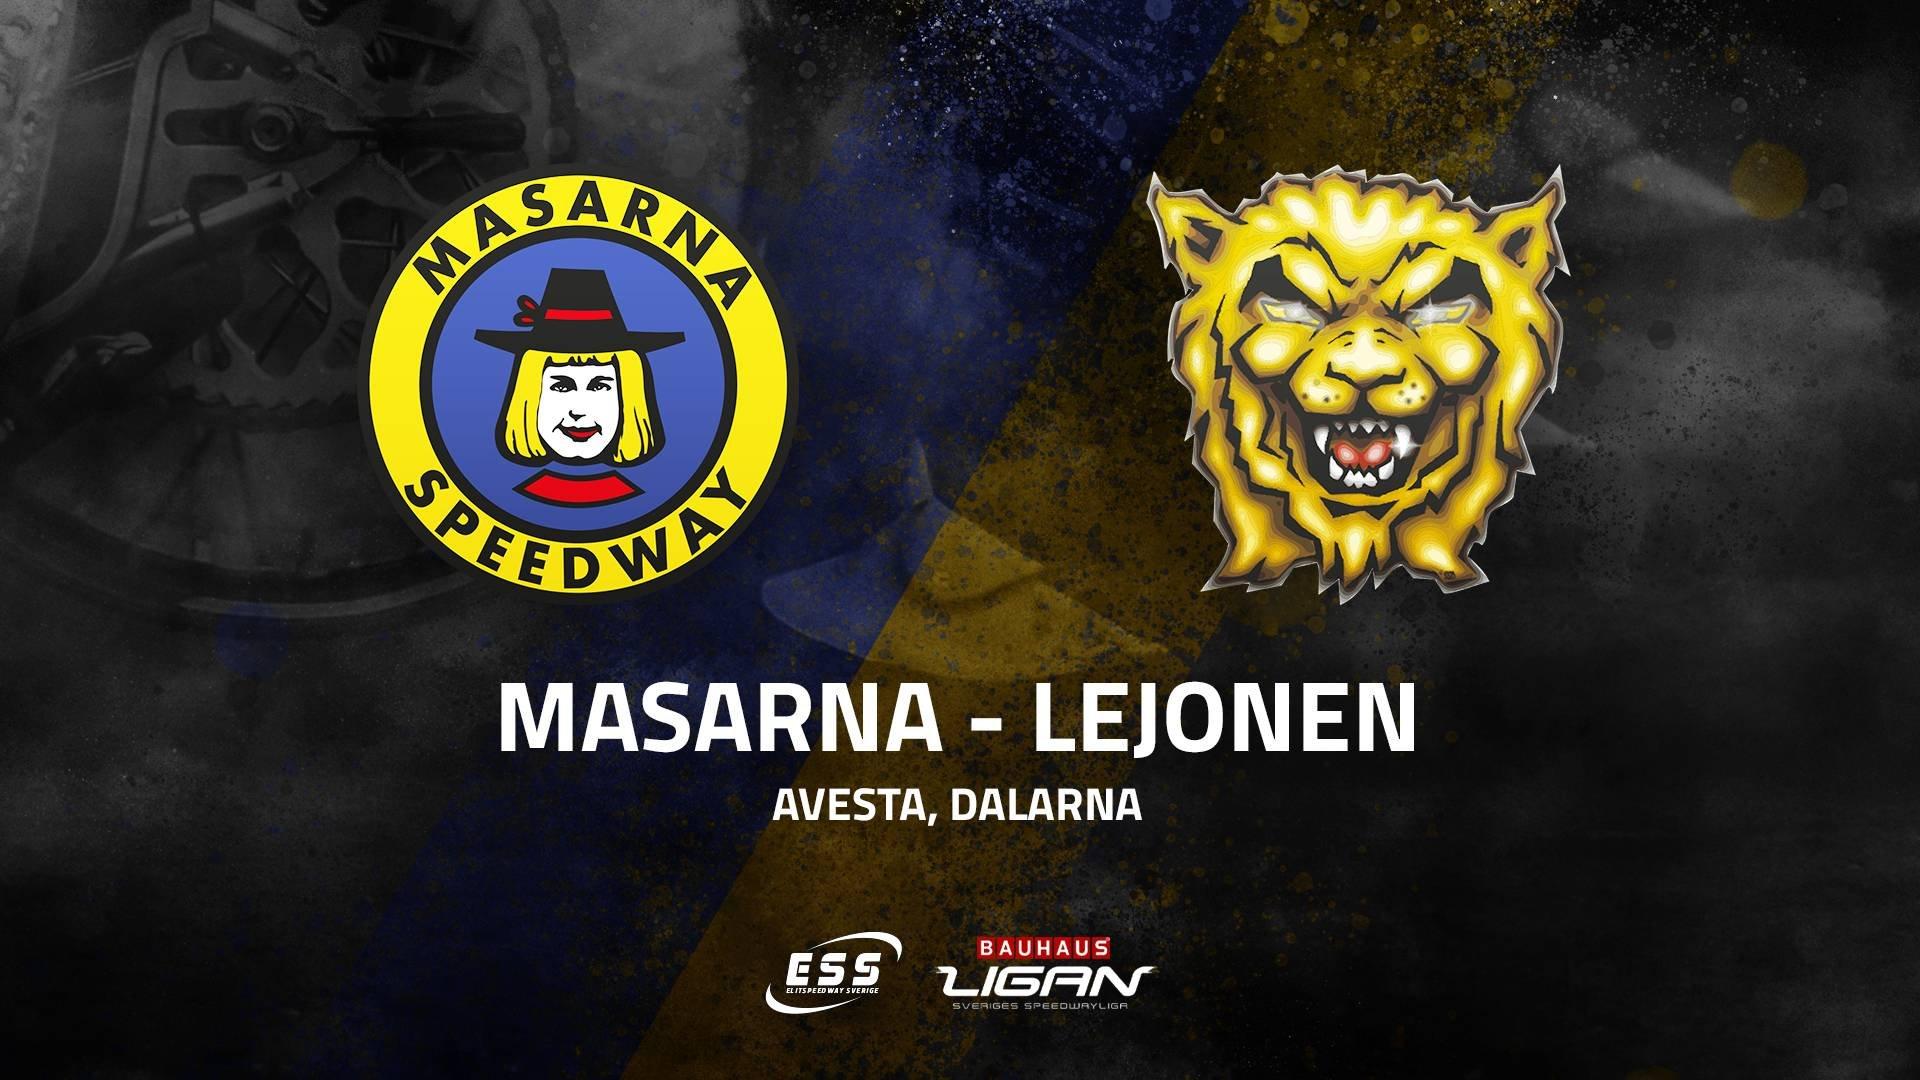 Masarna - Lejonen